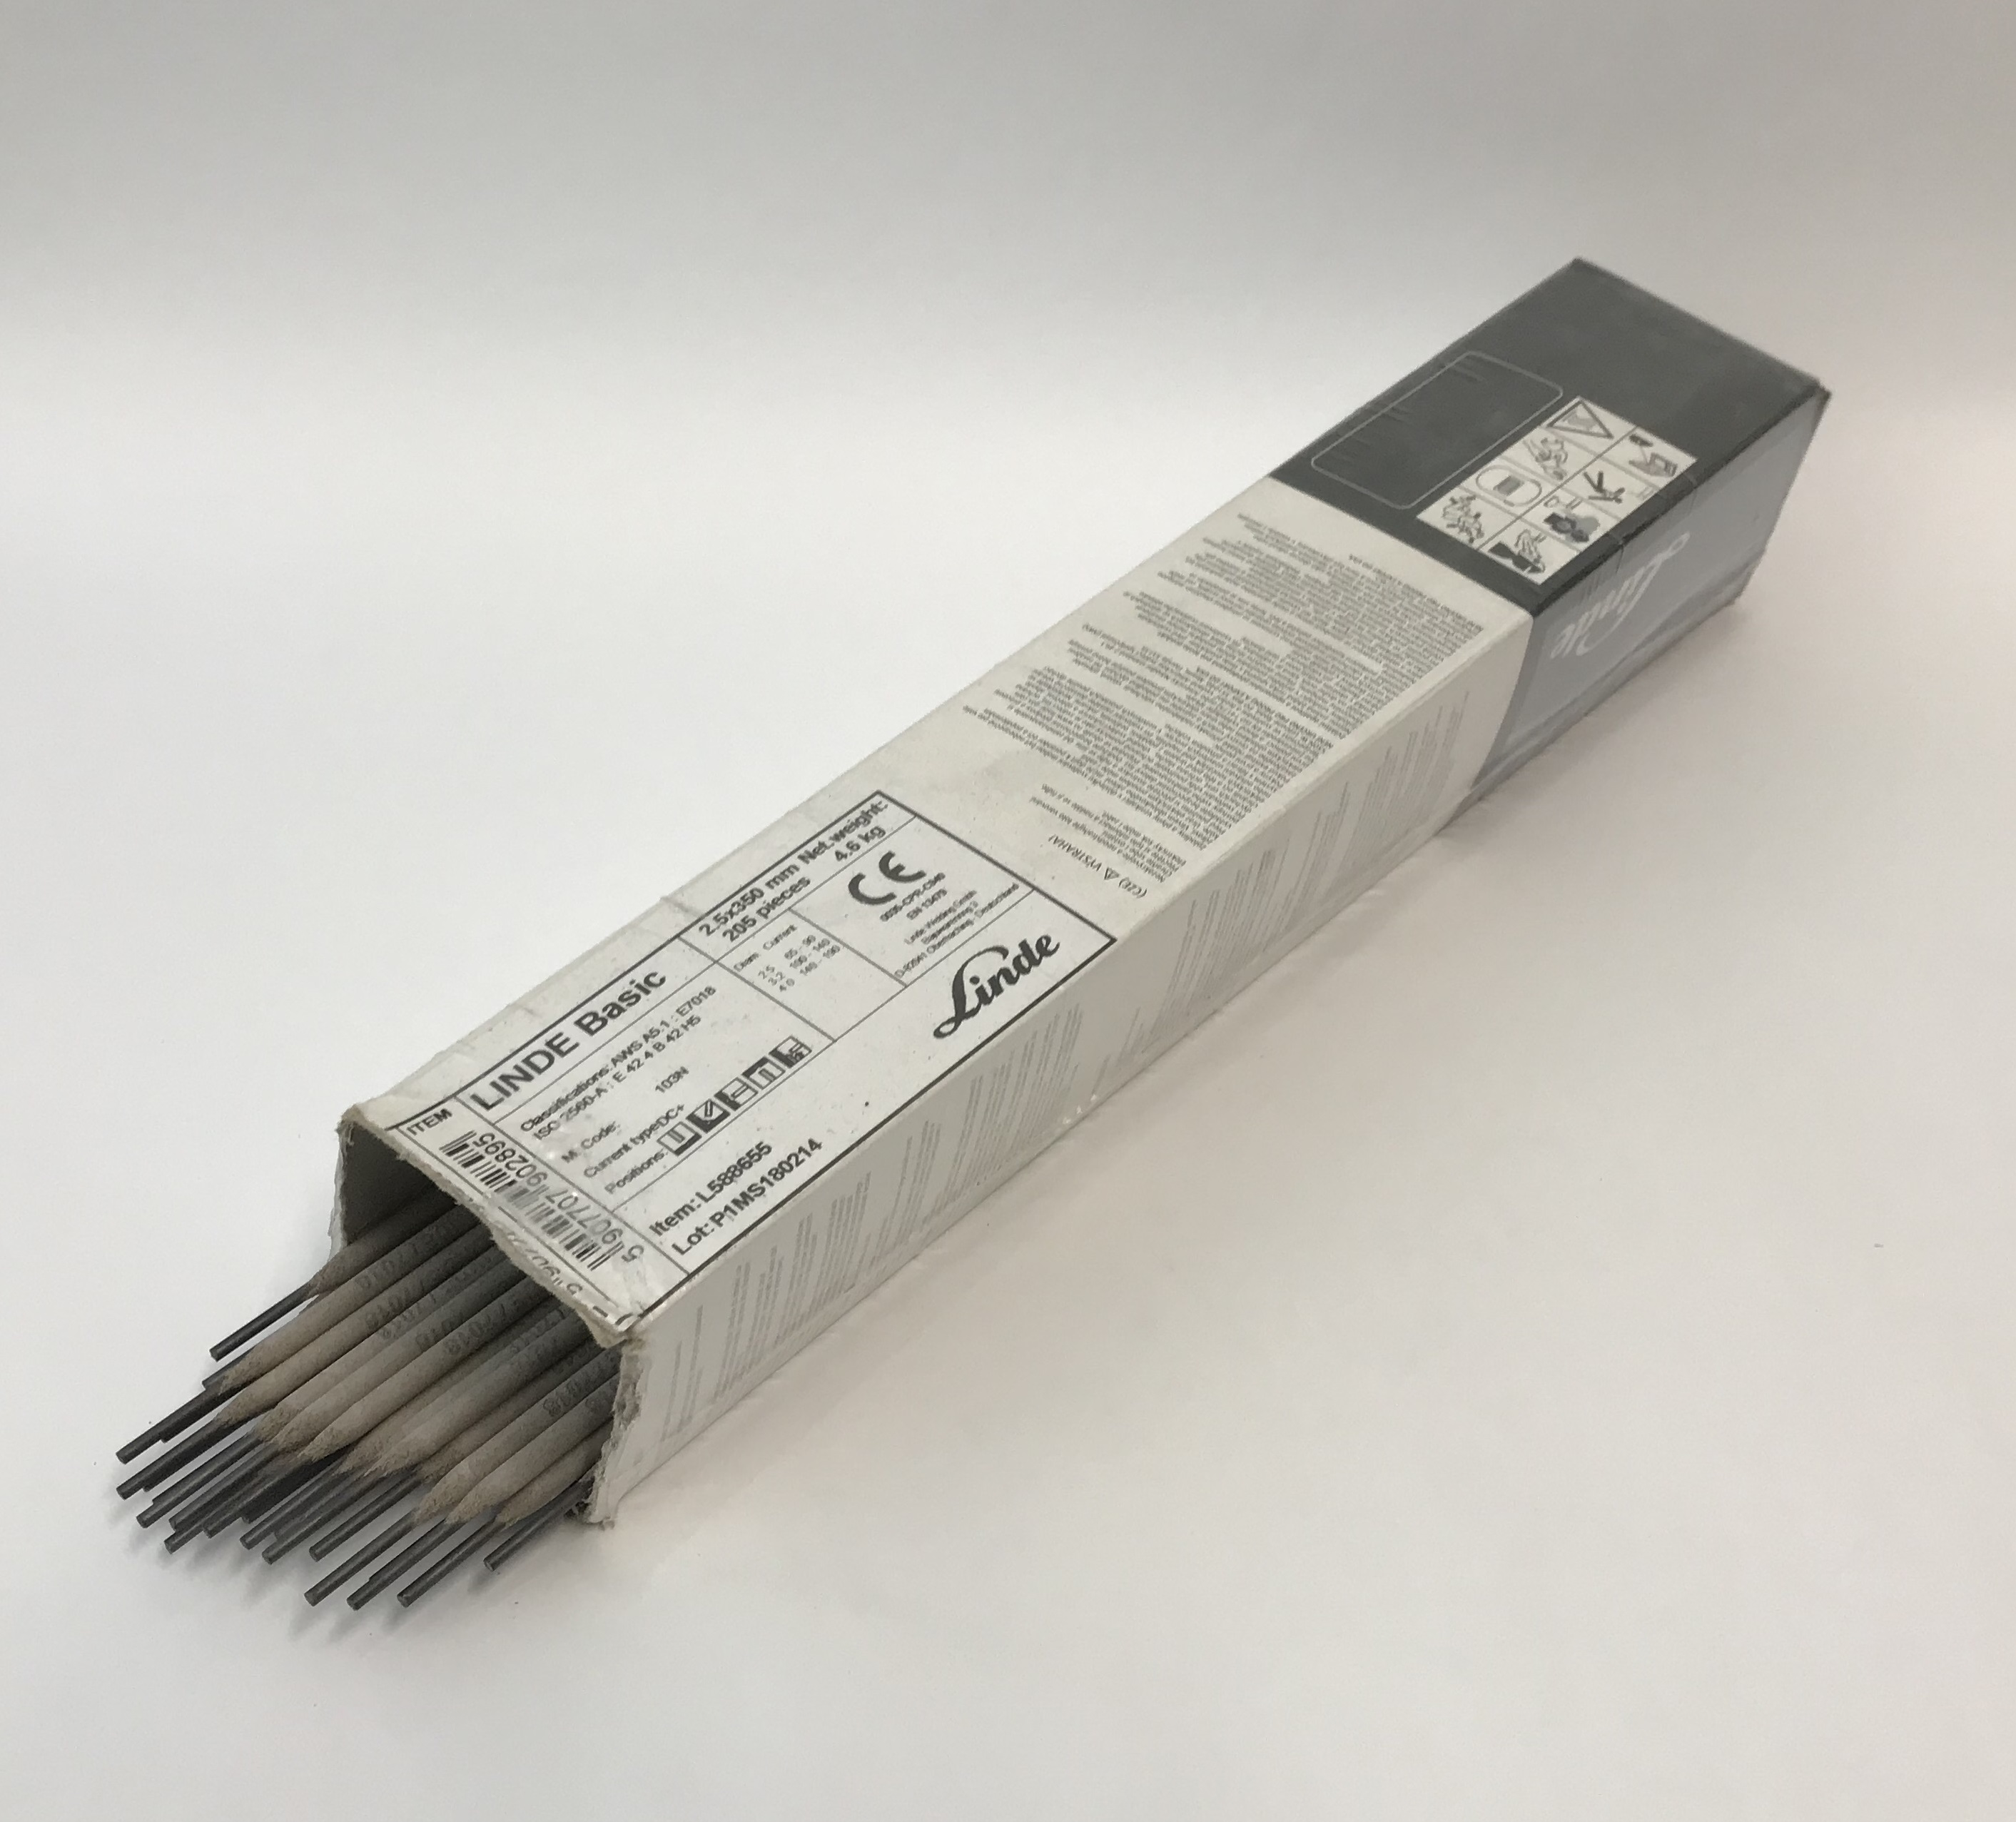 Elektrody BASICKÉ 7018, Ǿ 2.5 - 3.2 mm x 350 mm Linde Gas® Kus: 2,50 mm